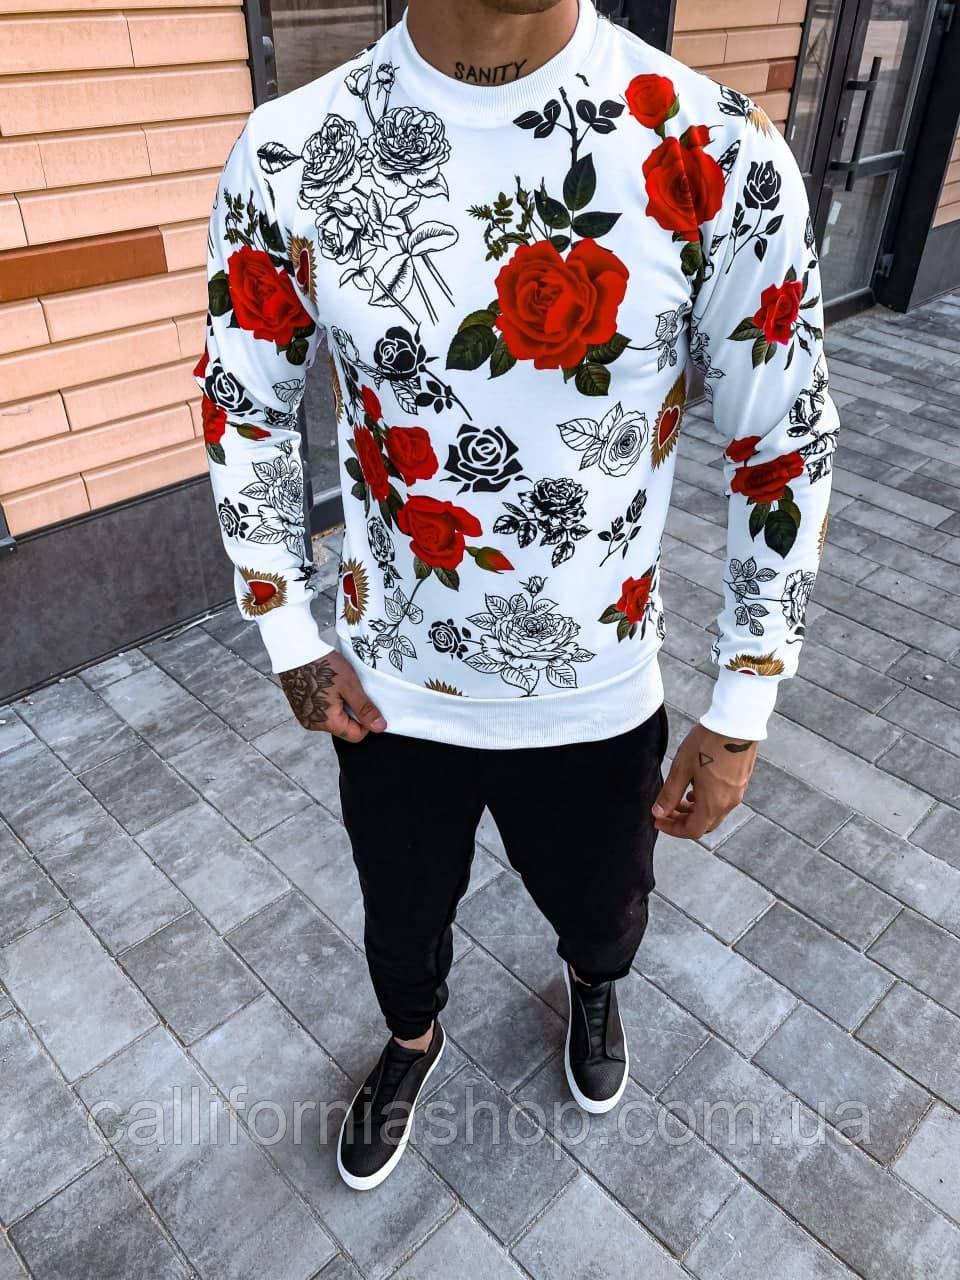 Чоловік світшоти білий молодіжний з яскравим принтом Троянди